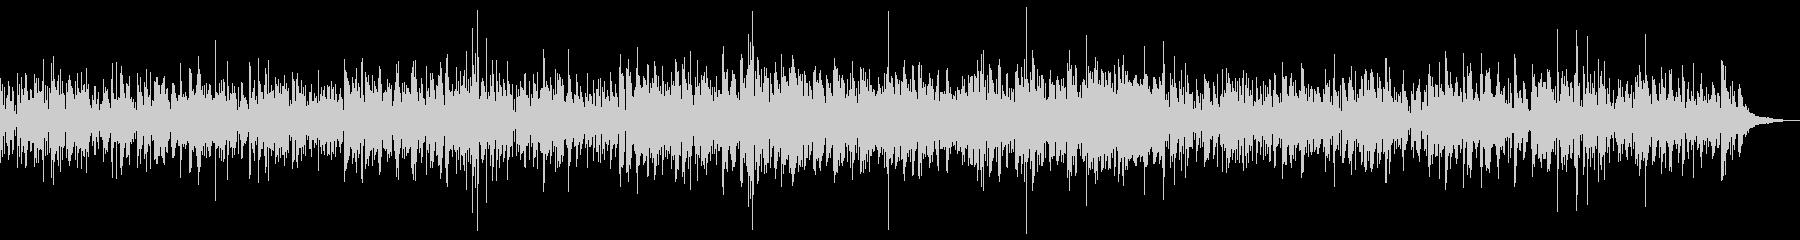 ビブラフォンのジャズボッサの未再生の波形